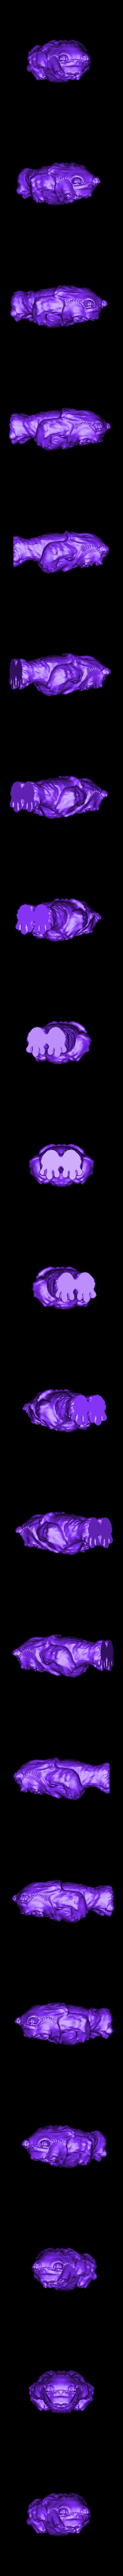 Ewok_002.obj Télécharger fichier OBJ gratuit EWOK FIGURE • Plan pour impression 3D, Masterclip